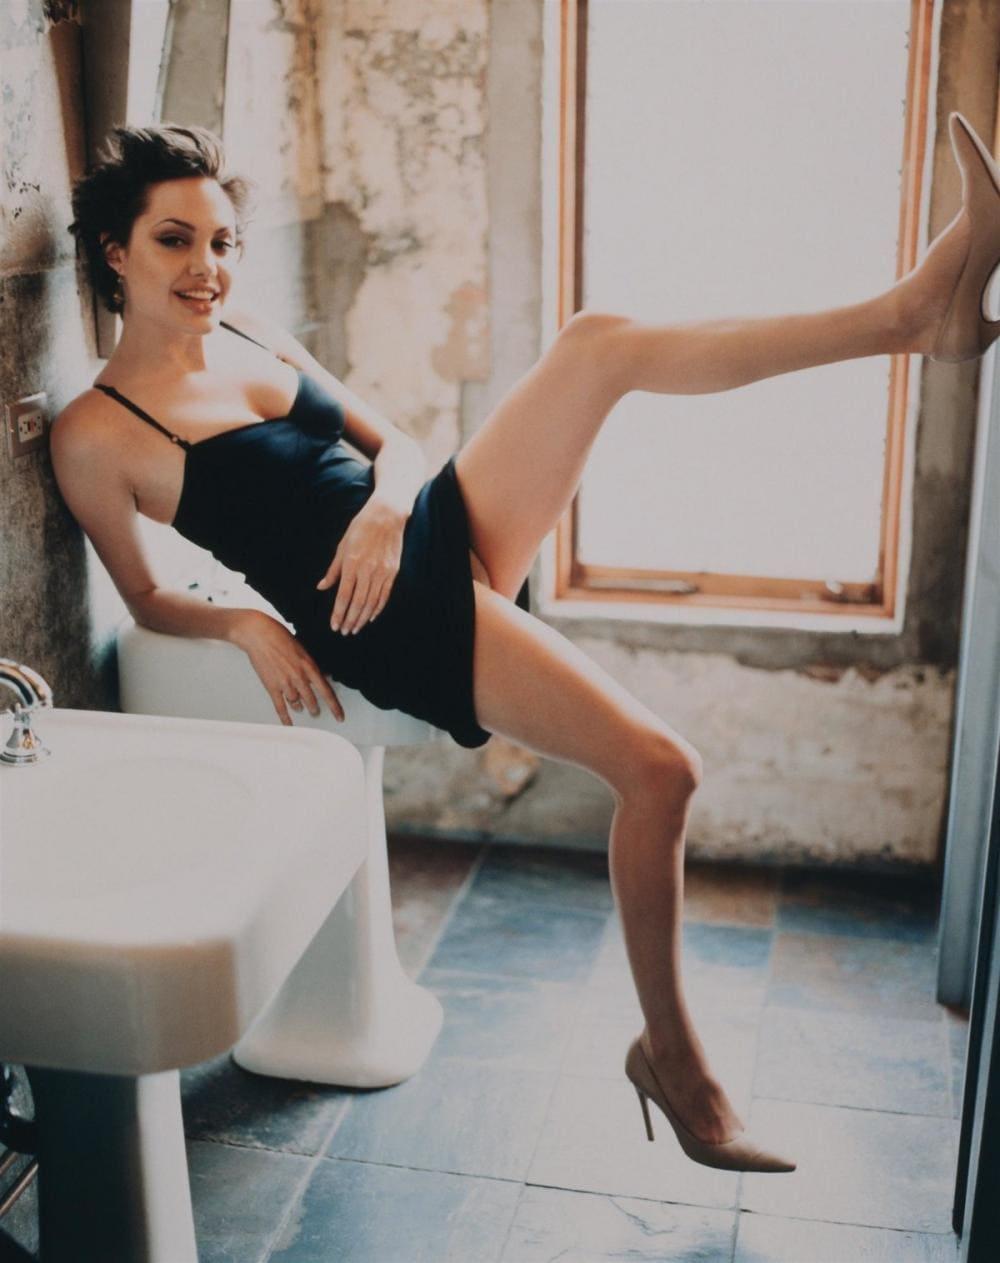 Анджелина Джоли фото фото бурной молодости на унитаз облокотилась в коротком черном пеньюаре, одна нога задрана на стену, ножки оголены,каблук